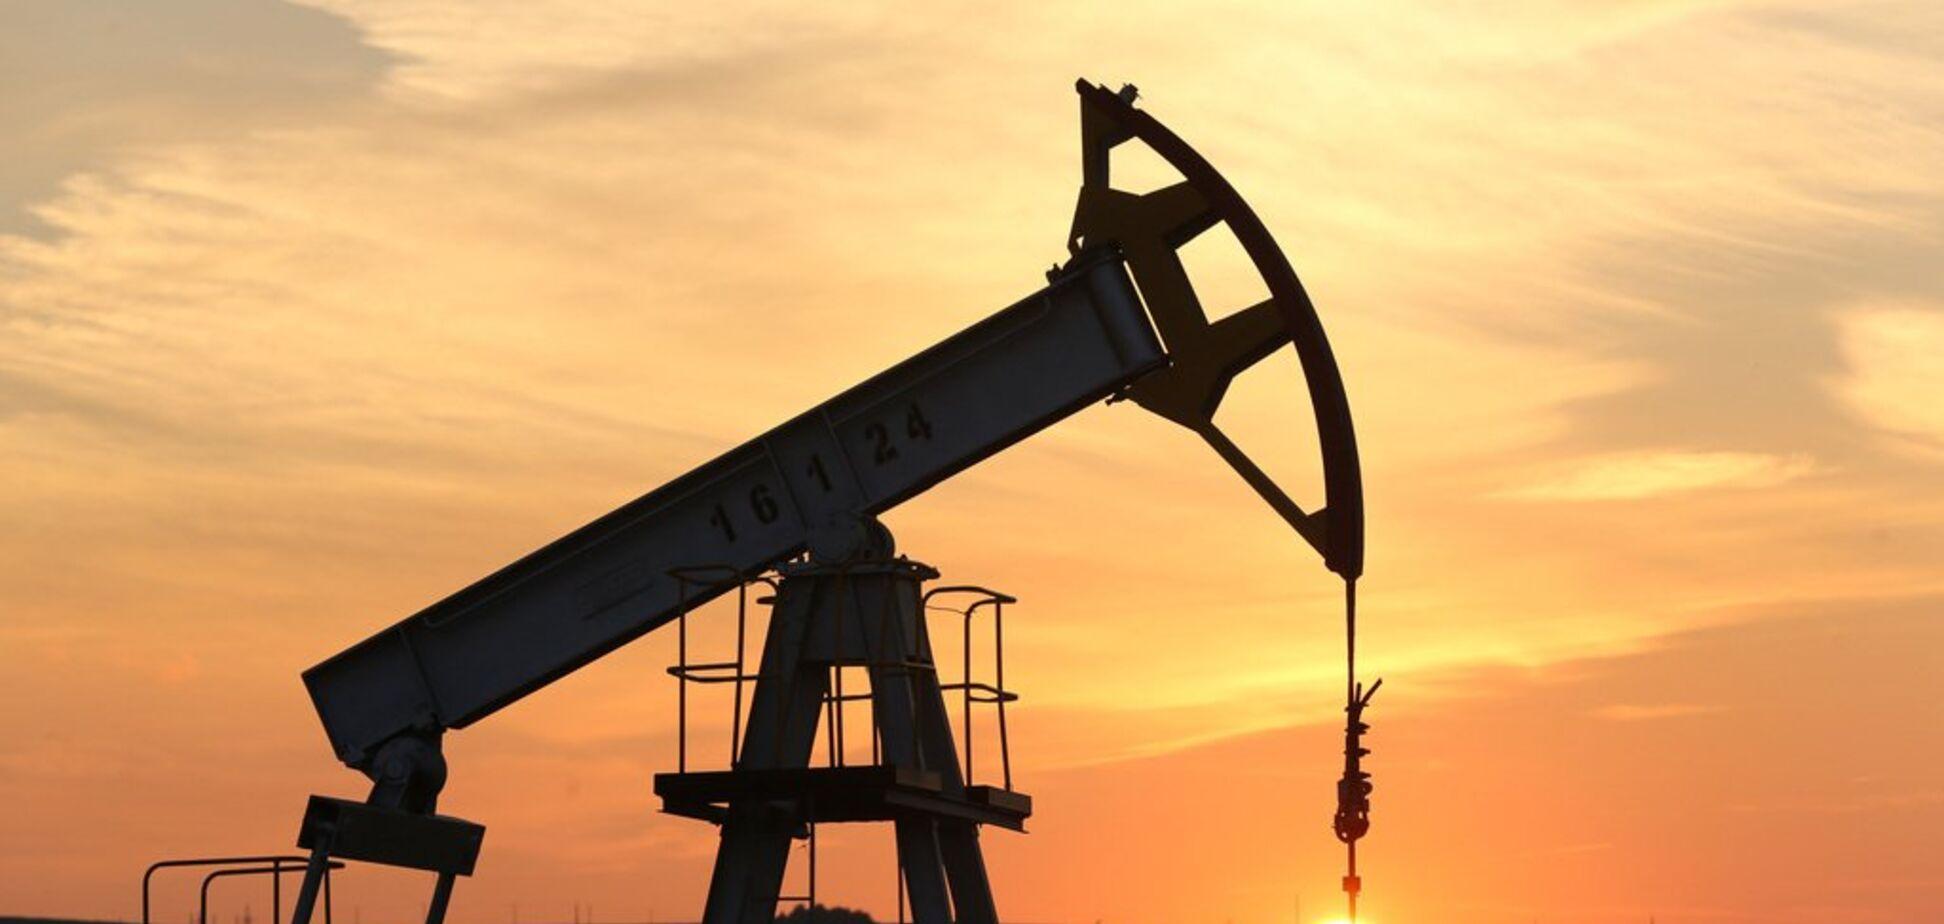 Нафта впала нижче психологічної позначки: скільки коштує